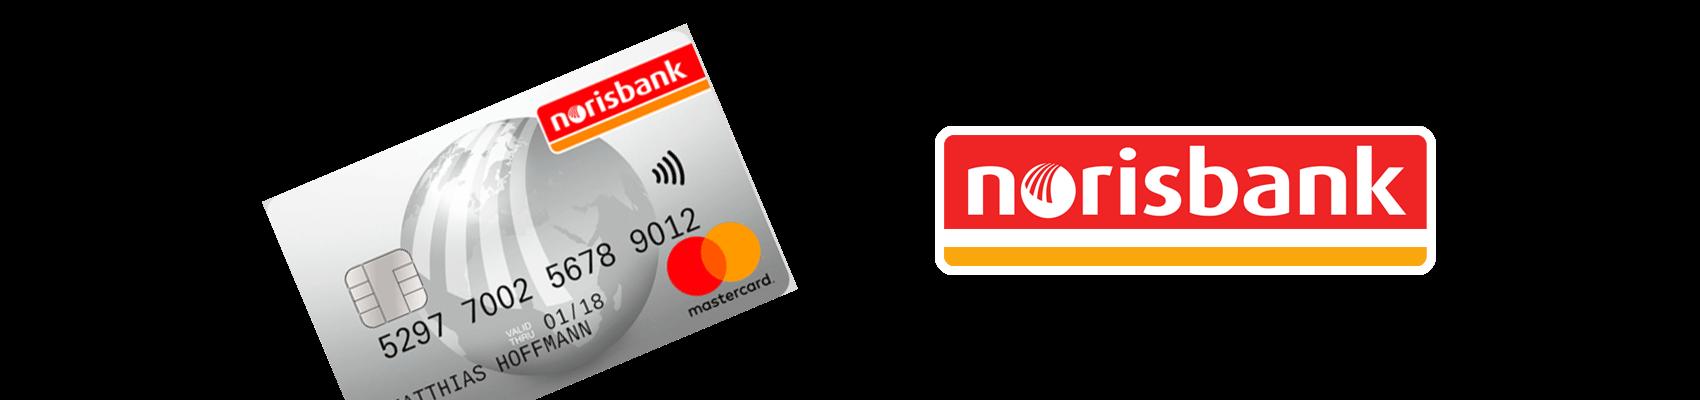 Norisbank darmowe konto bankowe w Niemczech